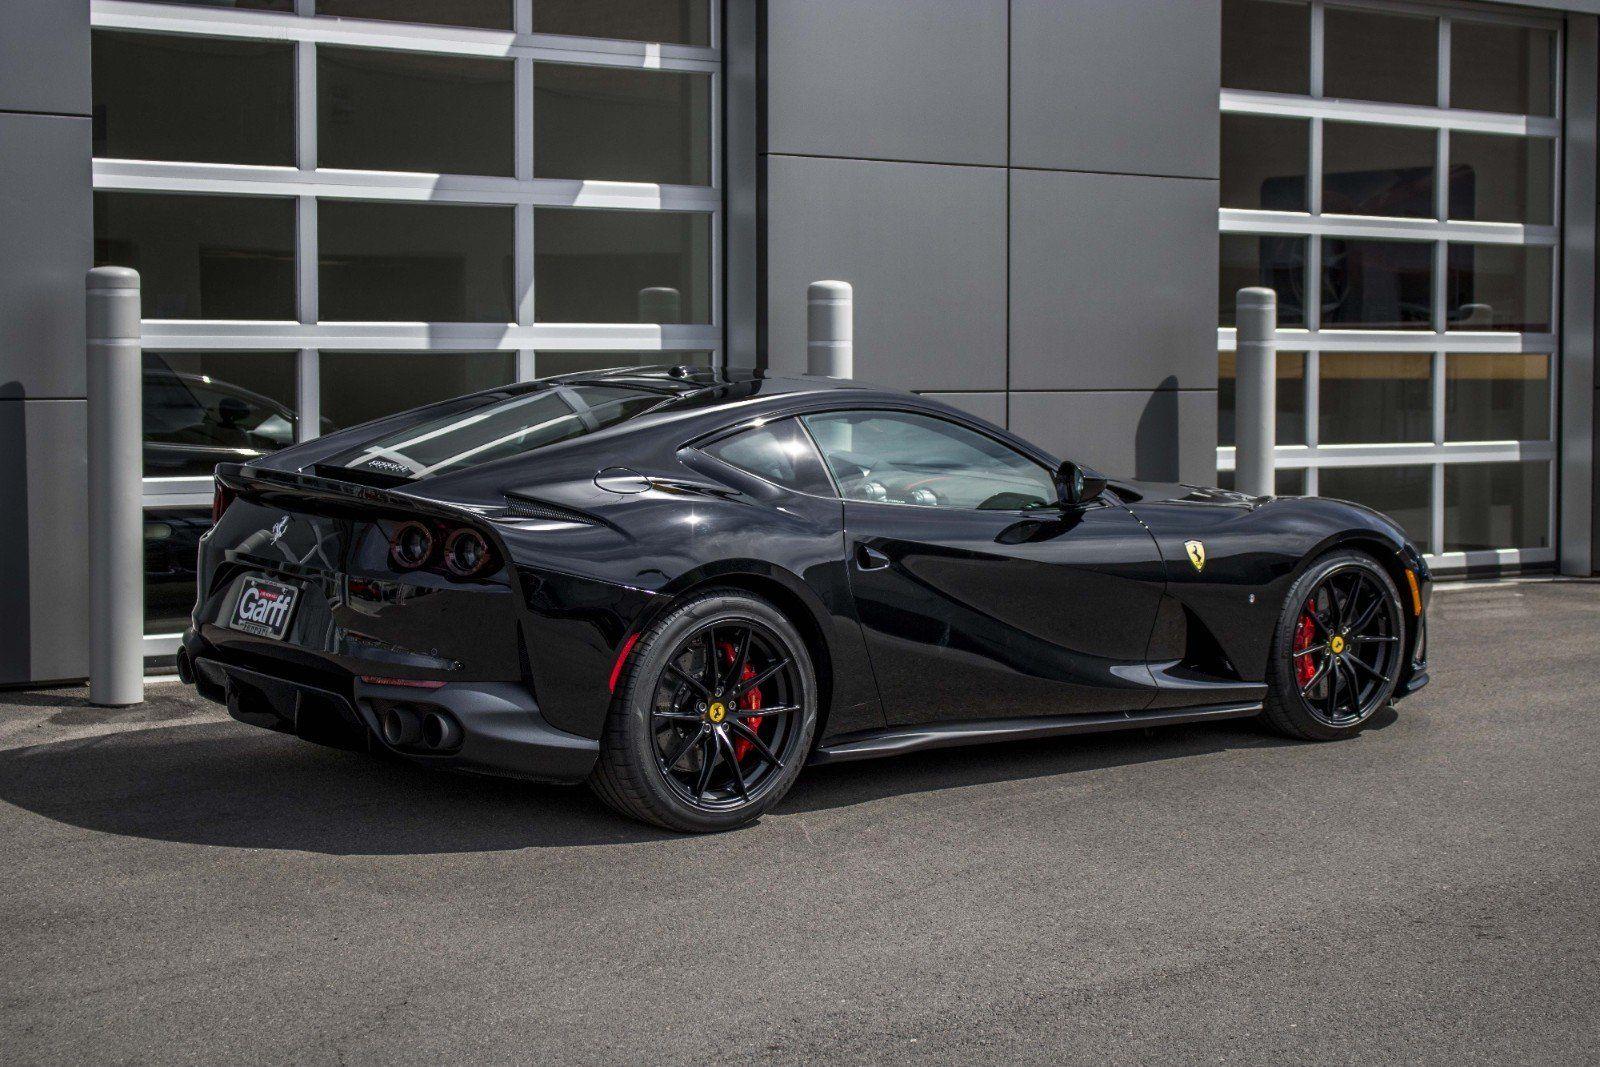 2020 Ferrari 812 Superfast Ferrari Of Fort Lauderdale United States For Sale On Luxurypulse In 2020 Ferrari Maserati Lauderdale